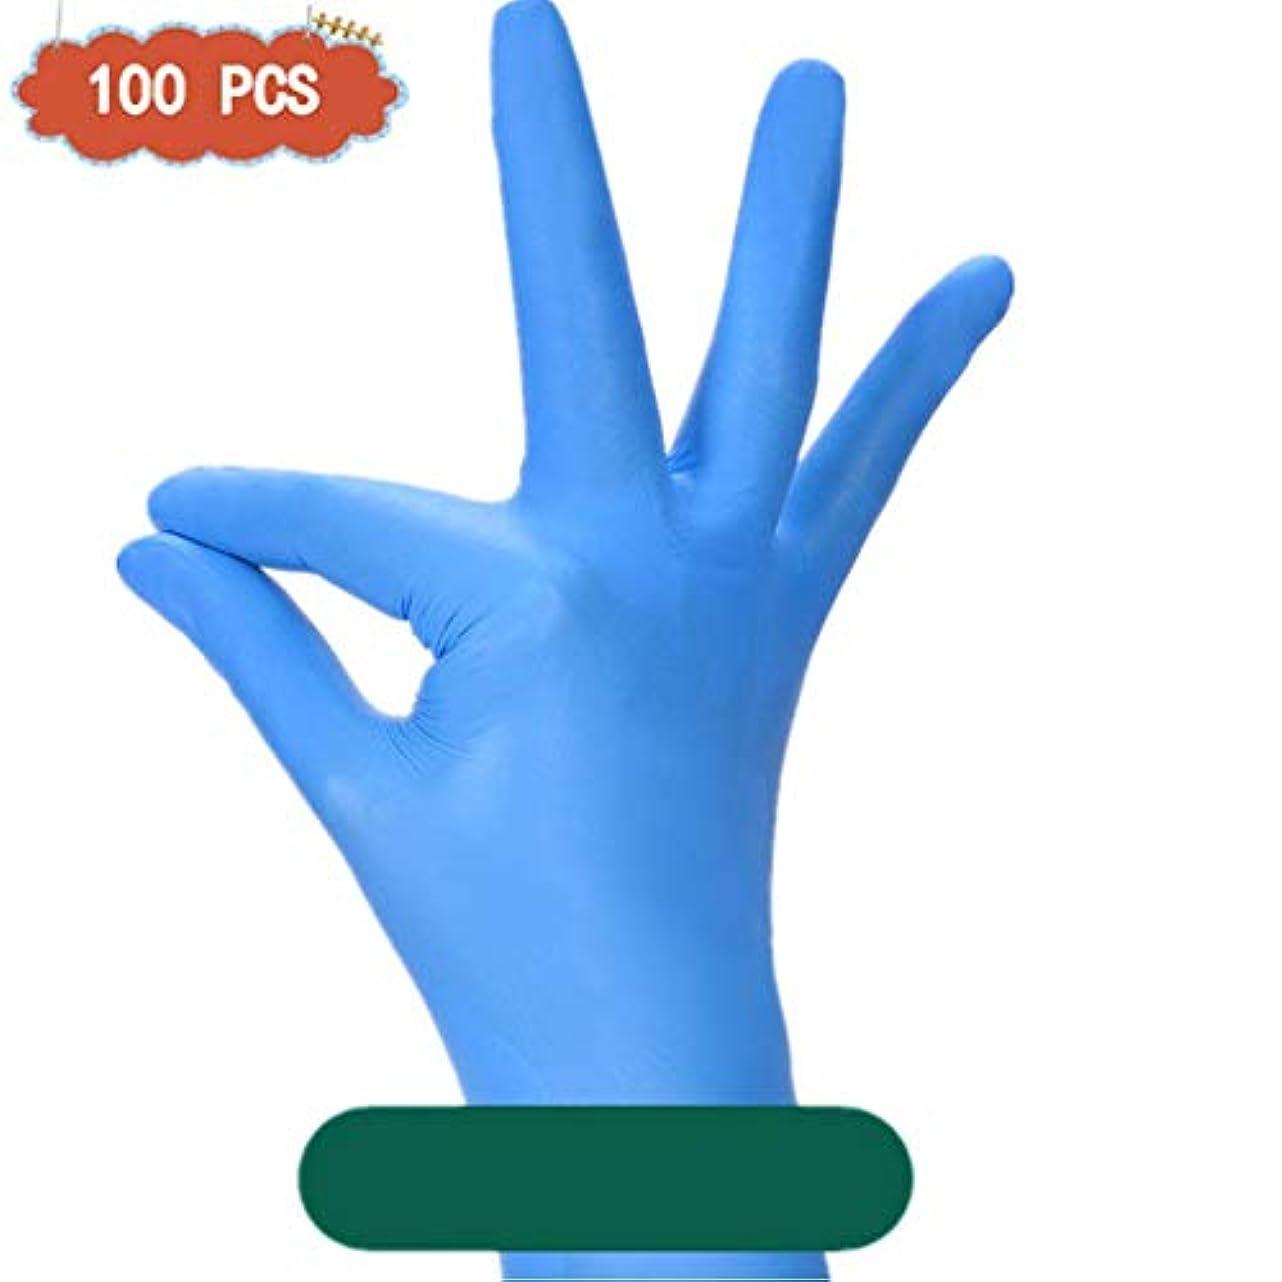 事前静脈娯楽ニトリル手袋、12インチの食器洗い用滑り止め防水ゴムと長い厚い使い捨て手袋ペットケアネイルアート検査保護実験、美容院ラテックスフリー、100個 (Size : L)